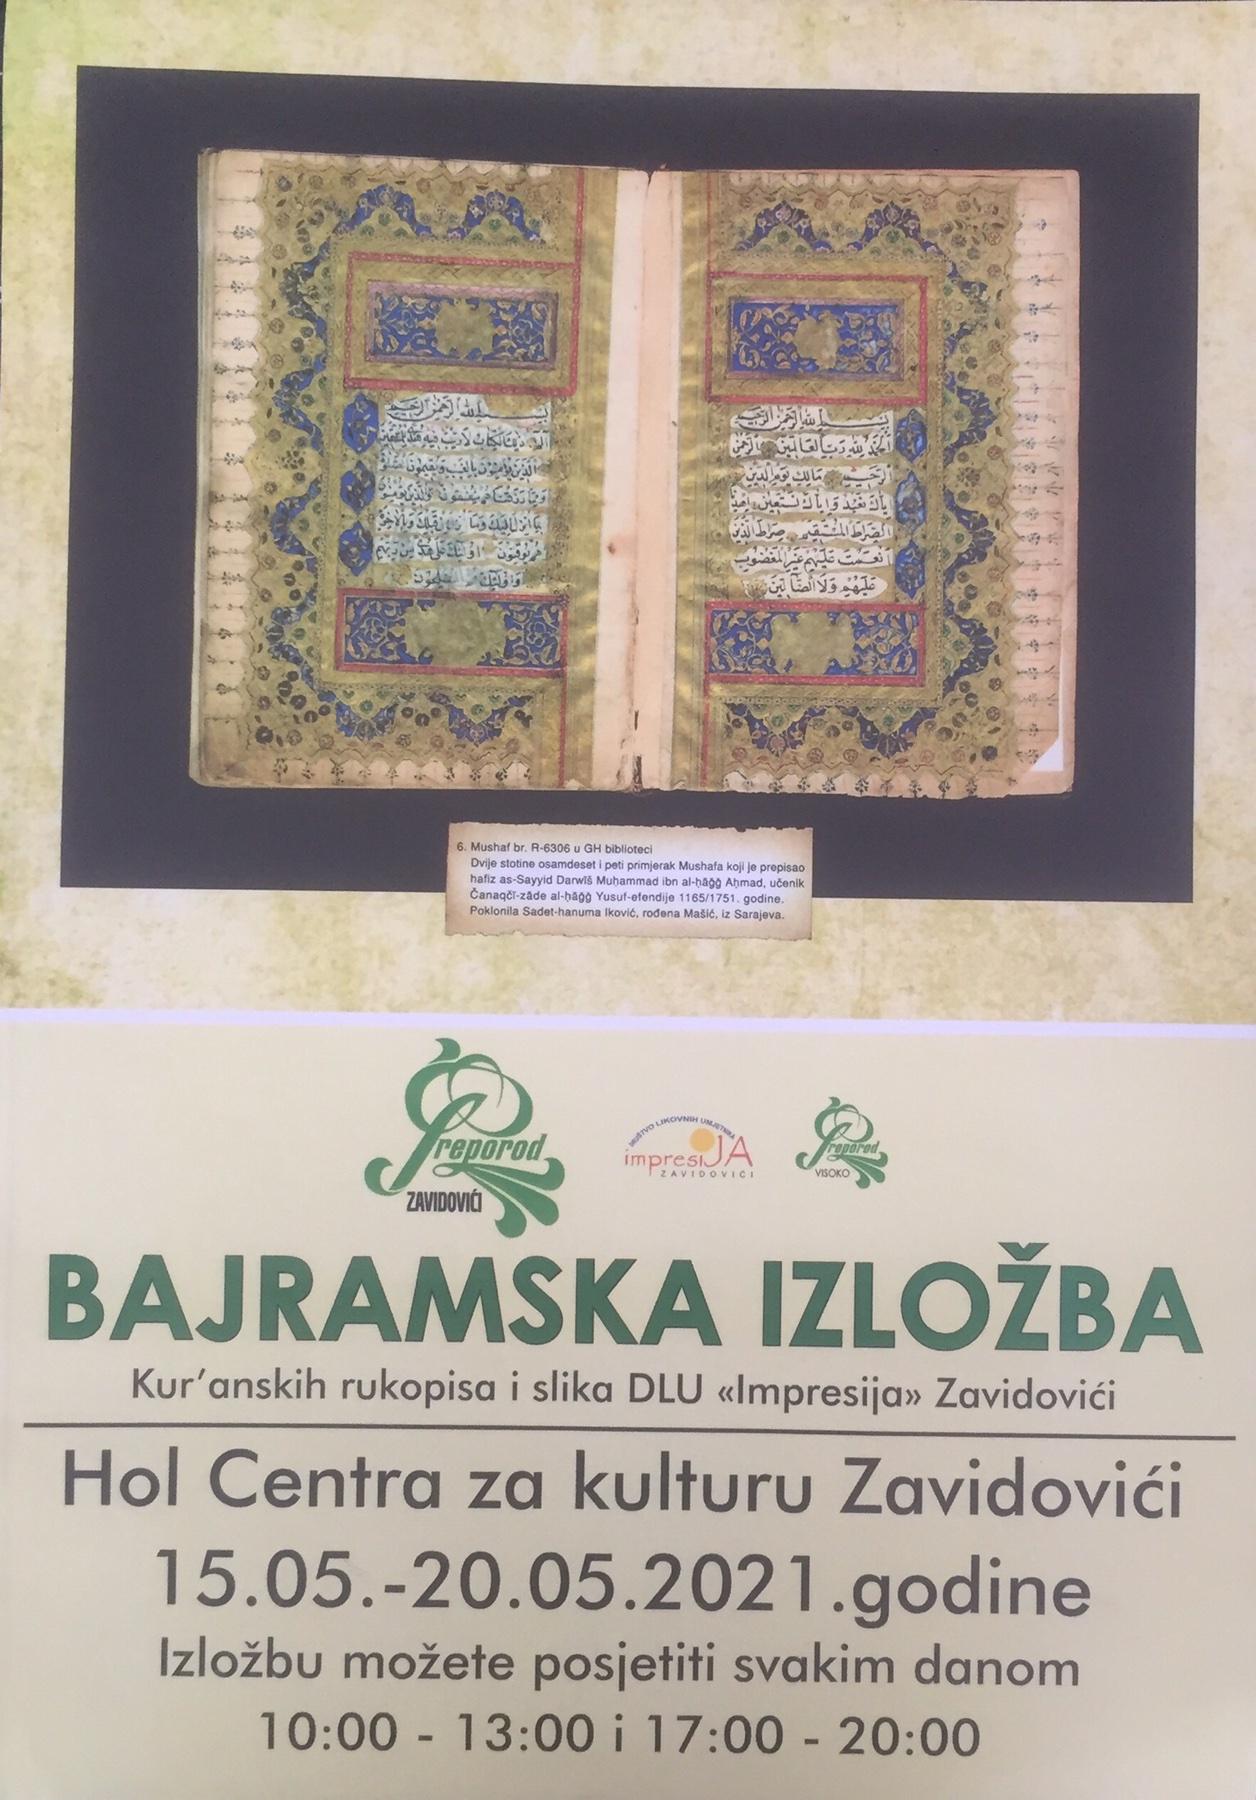 Izložba Kur'anskih rukopisa u Centru za kulturu